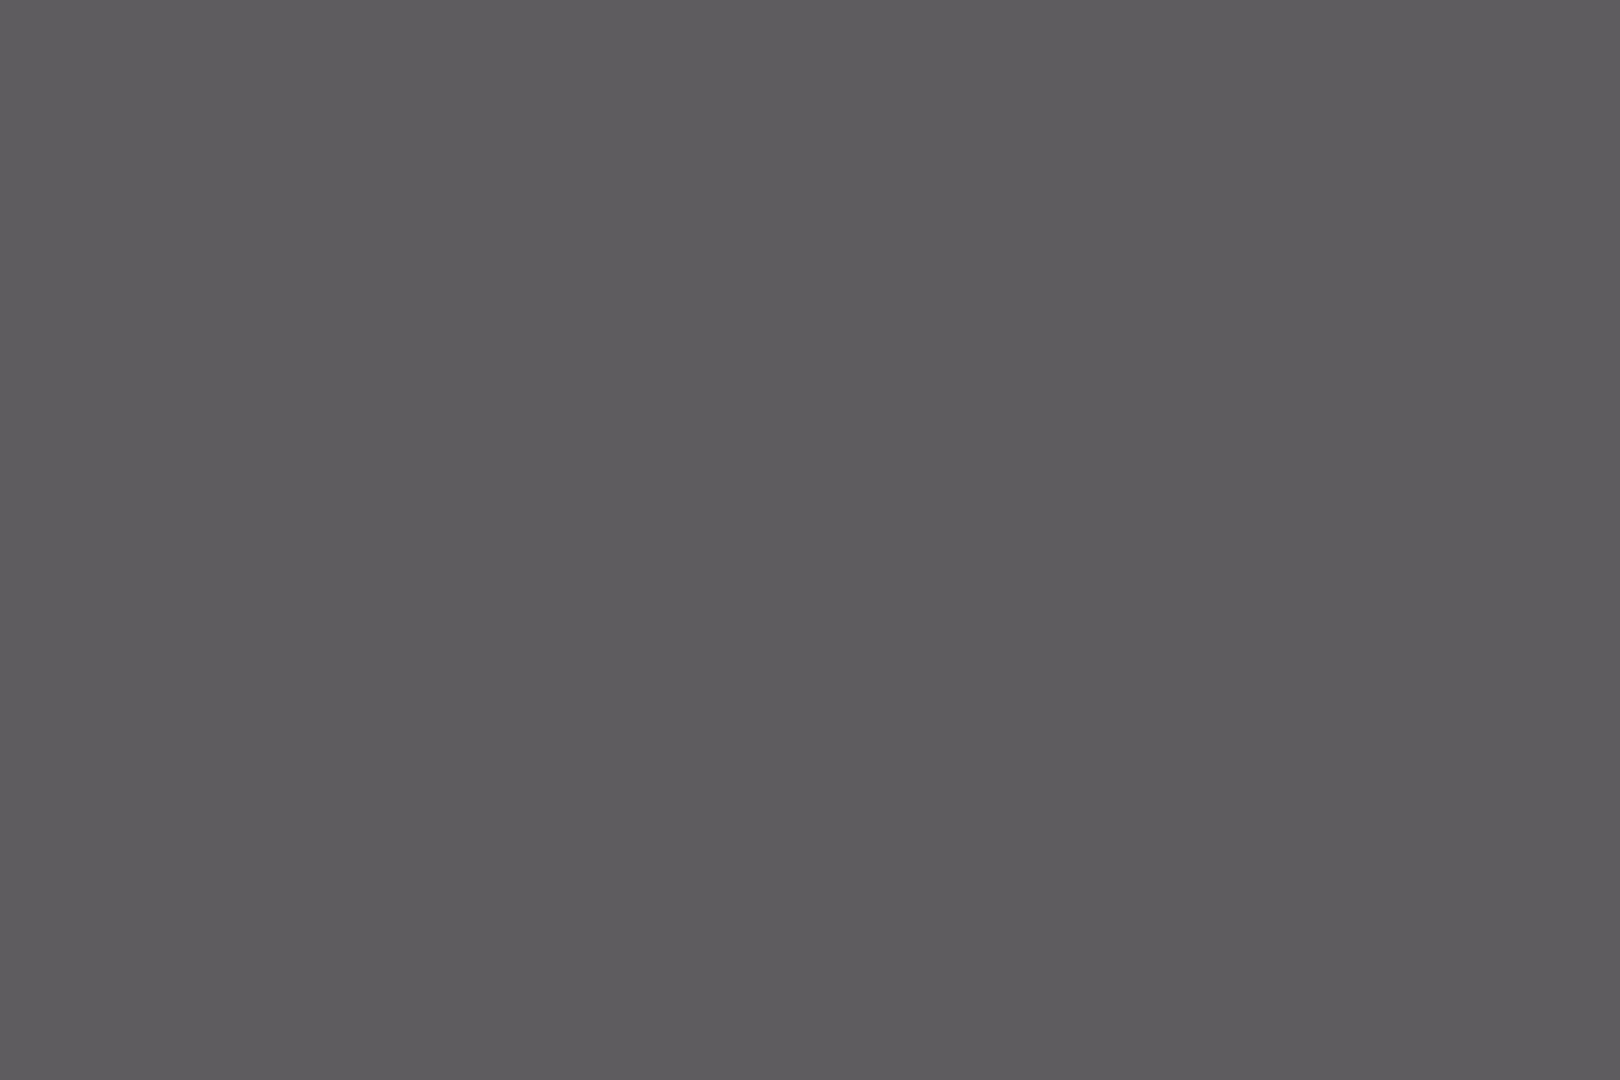 充血監督の深夜の運動会Vol.9 エッチなセックス ぱこり動画紹介 63画像 62